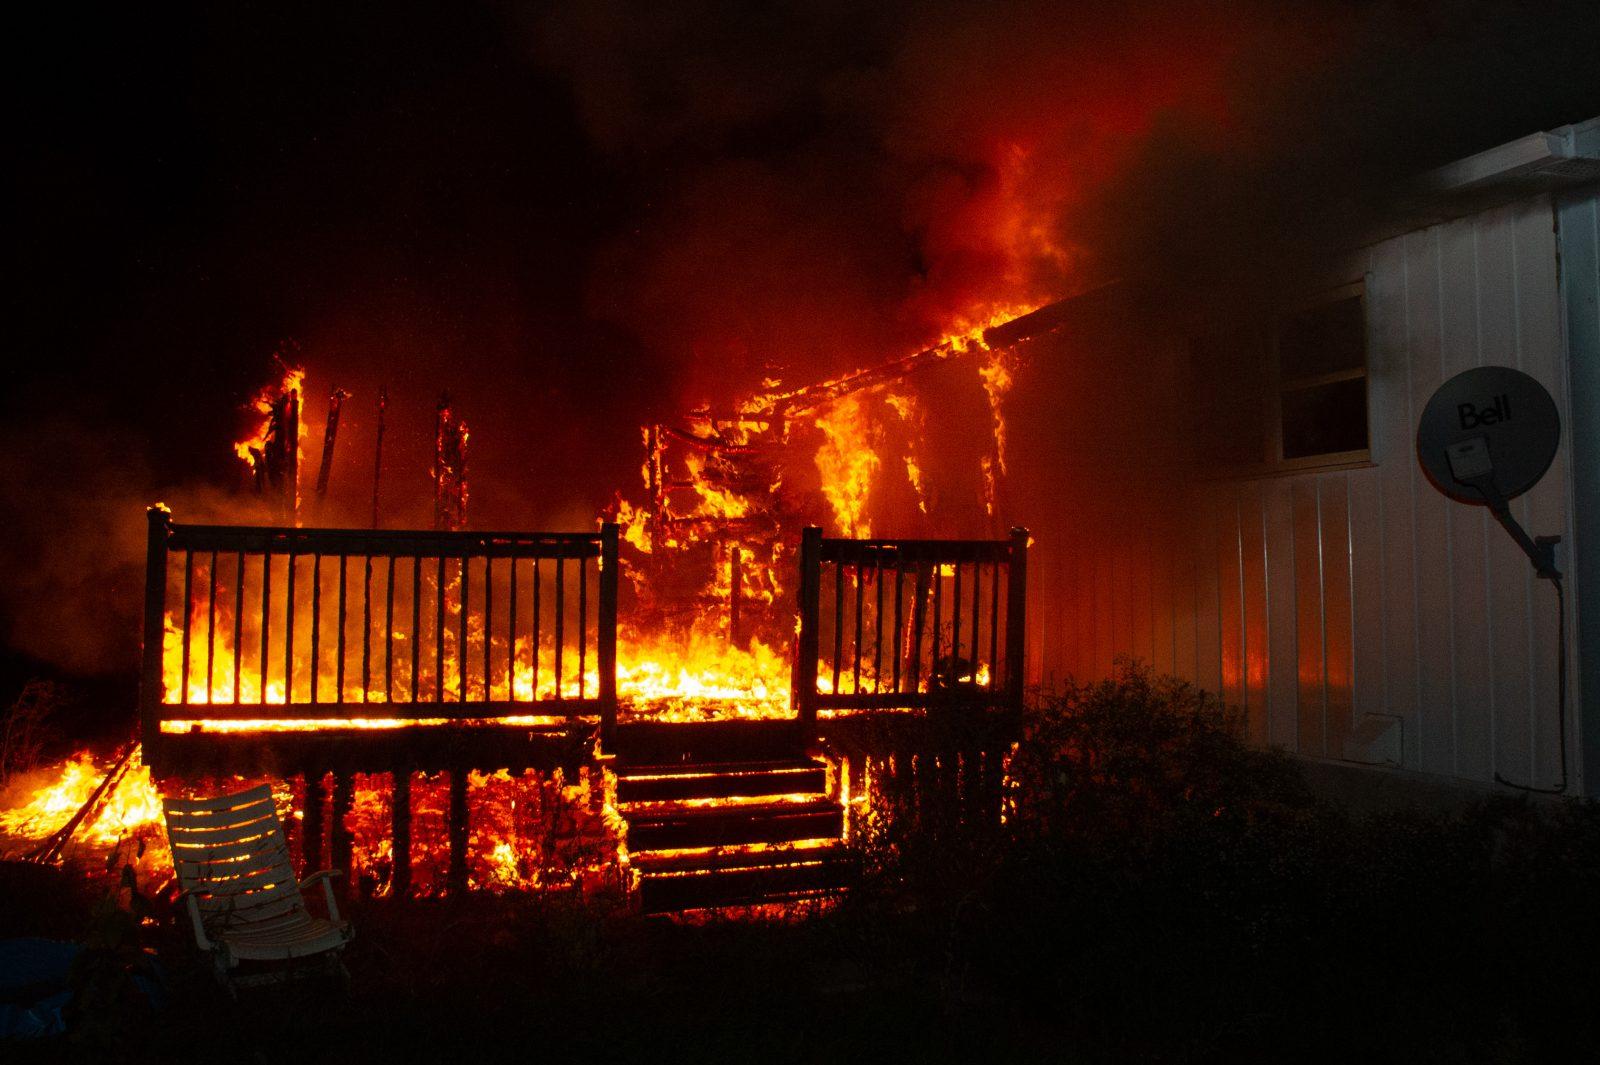 Trois incendies suspects dans la région (photos et vidéo)